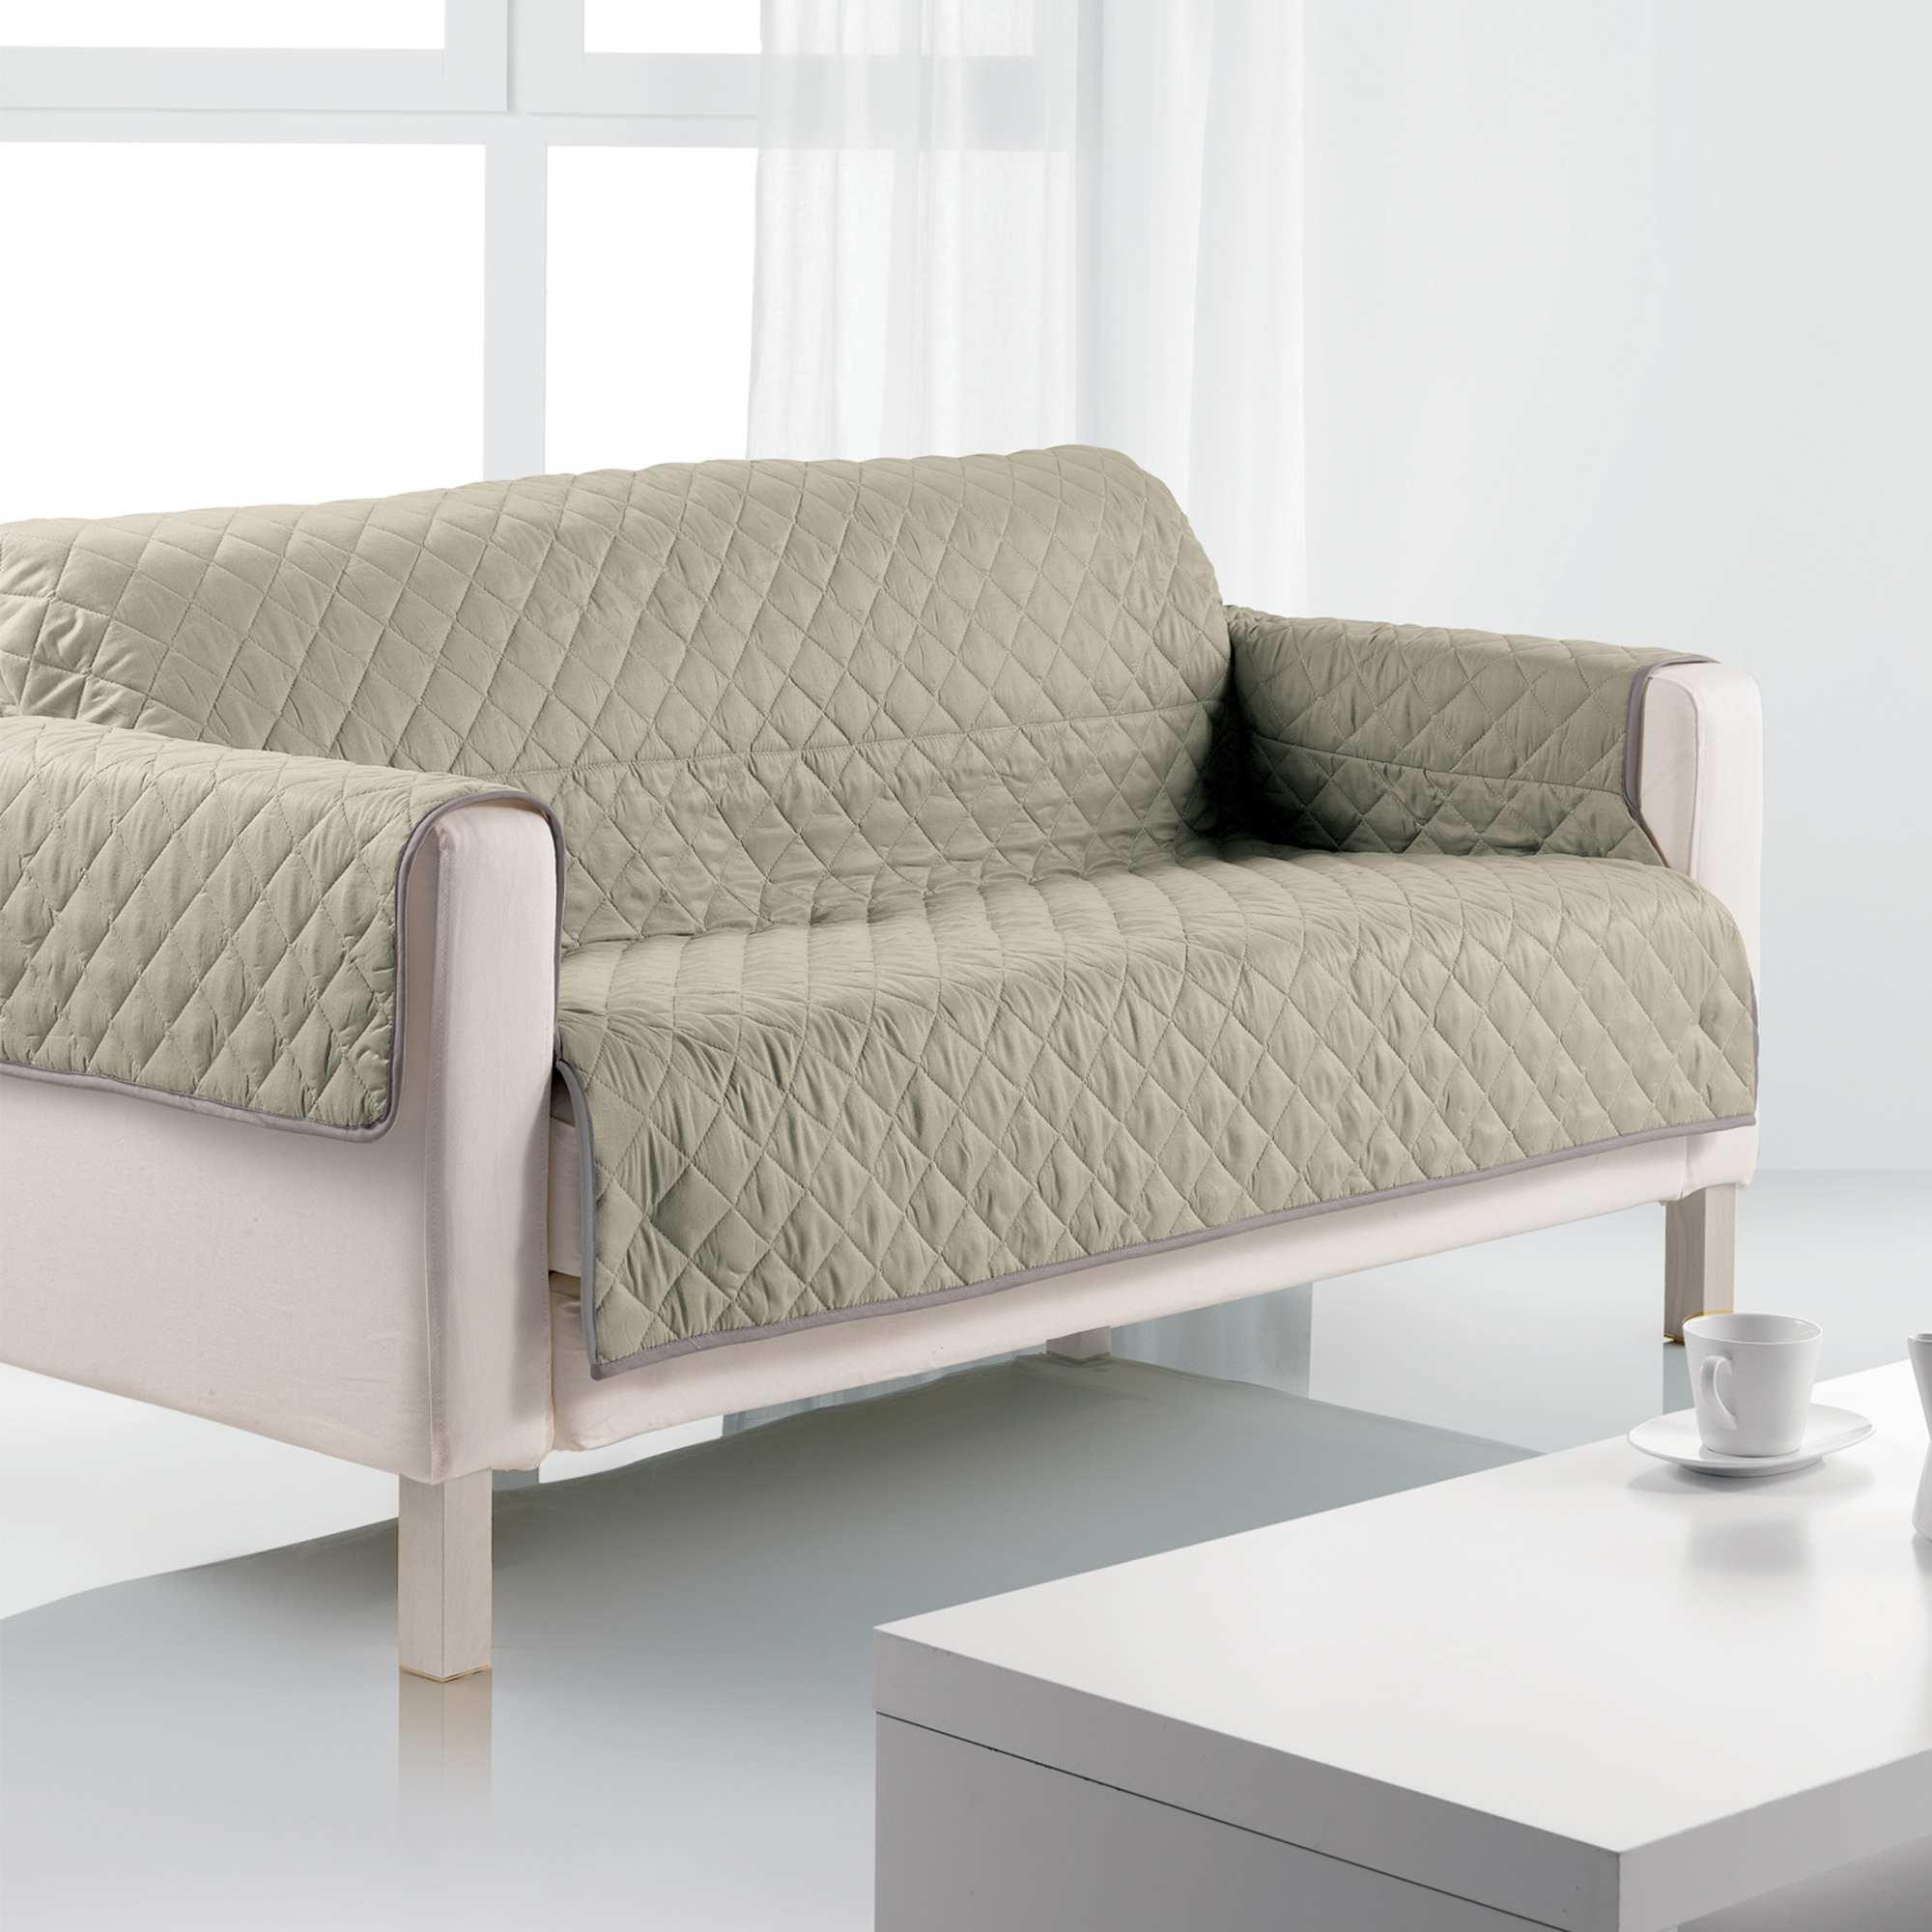 prot ge canap 3 places linge de lit beige kiabi 20 00 On plaid canape 3 places